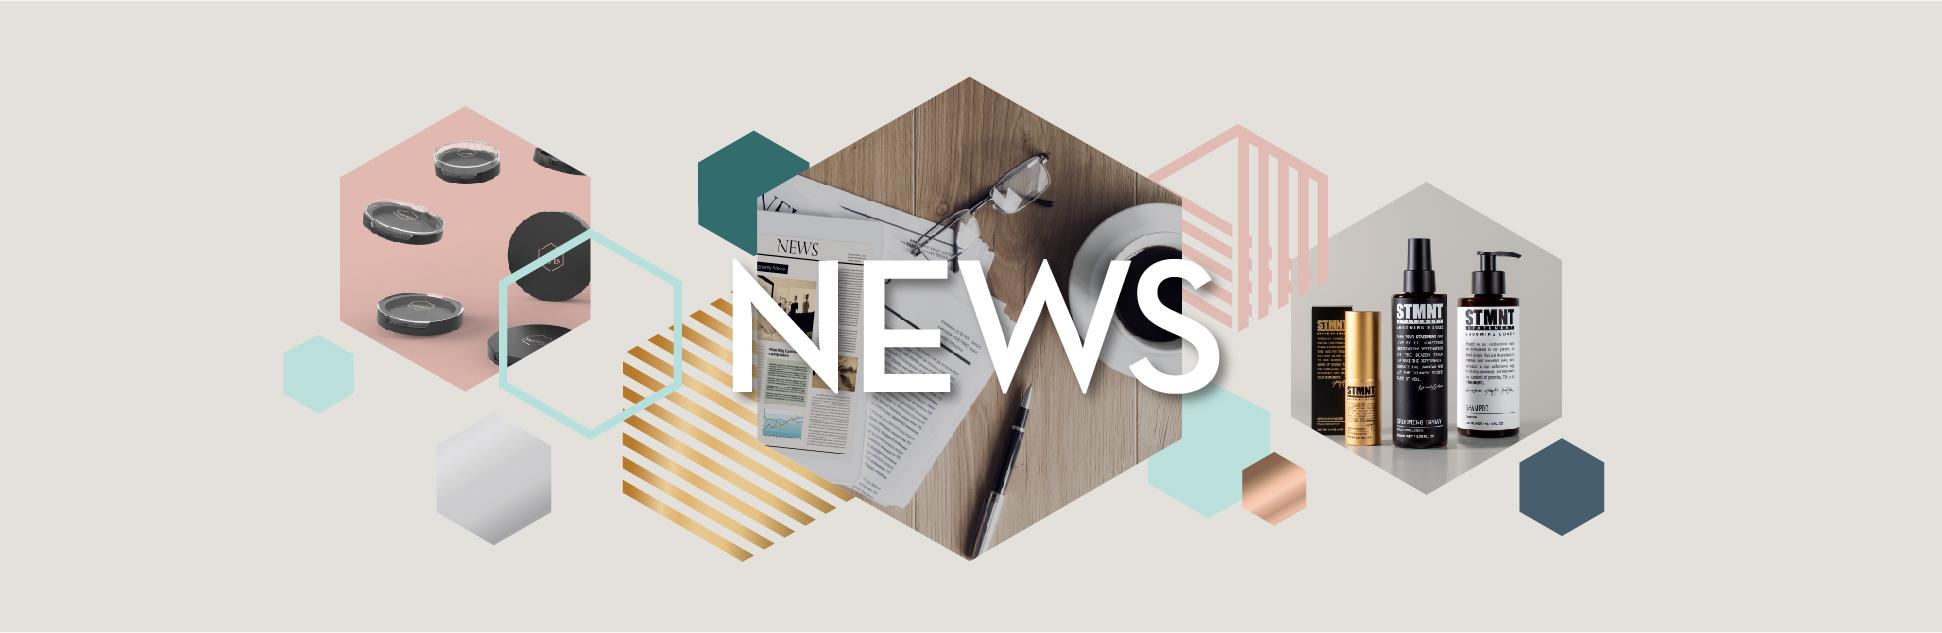 News - Fasten